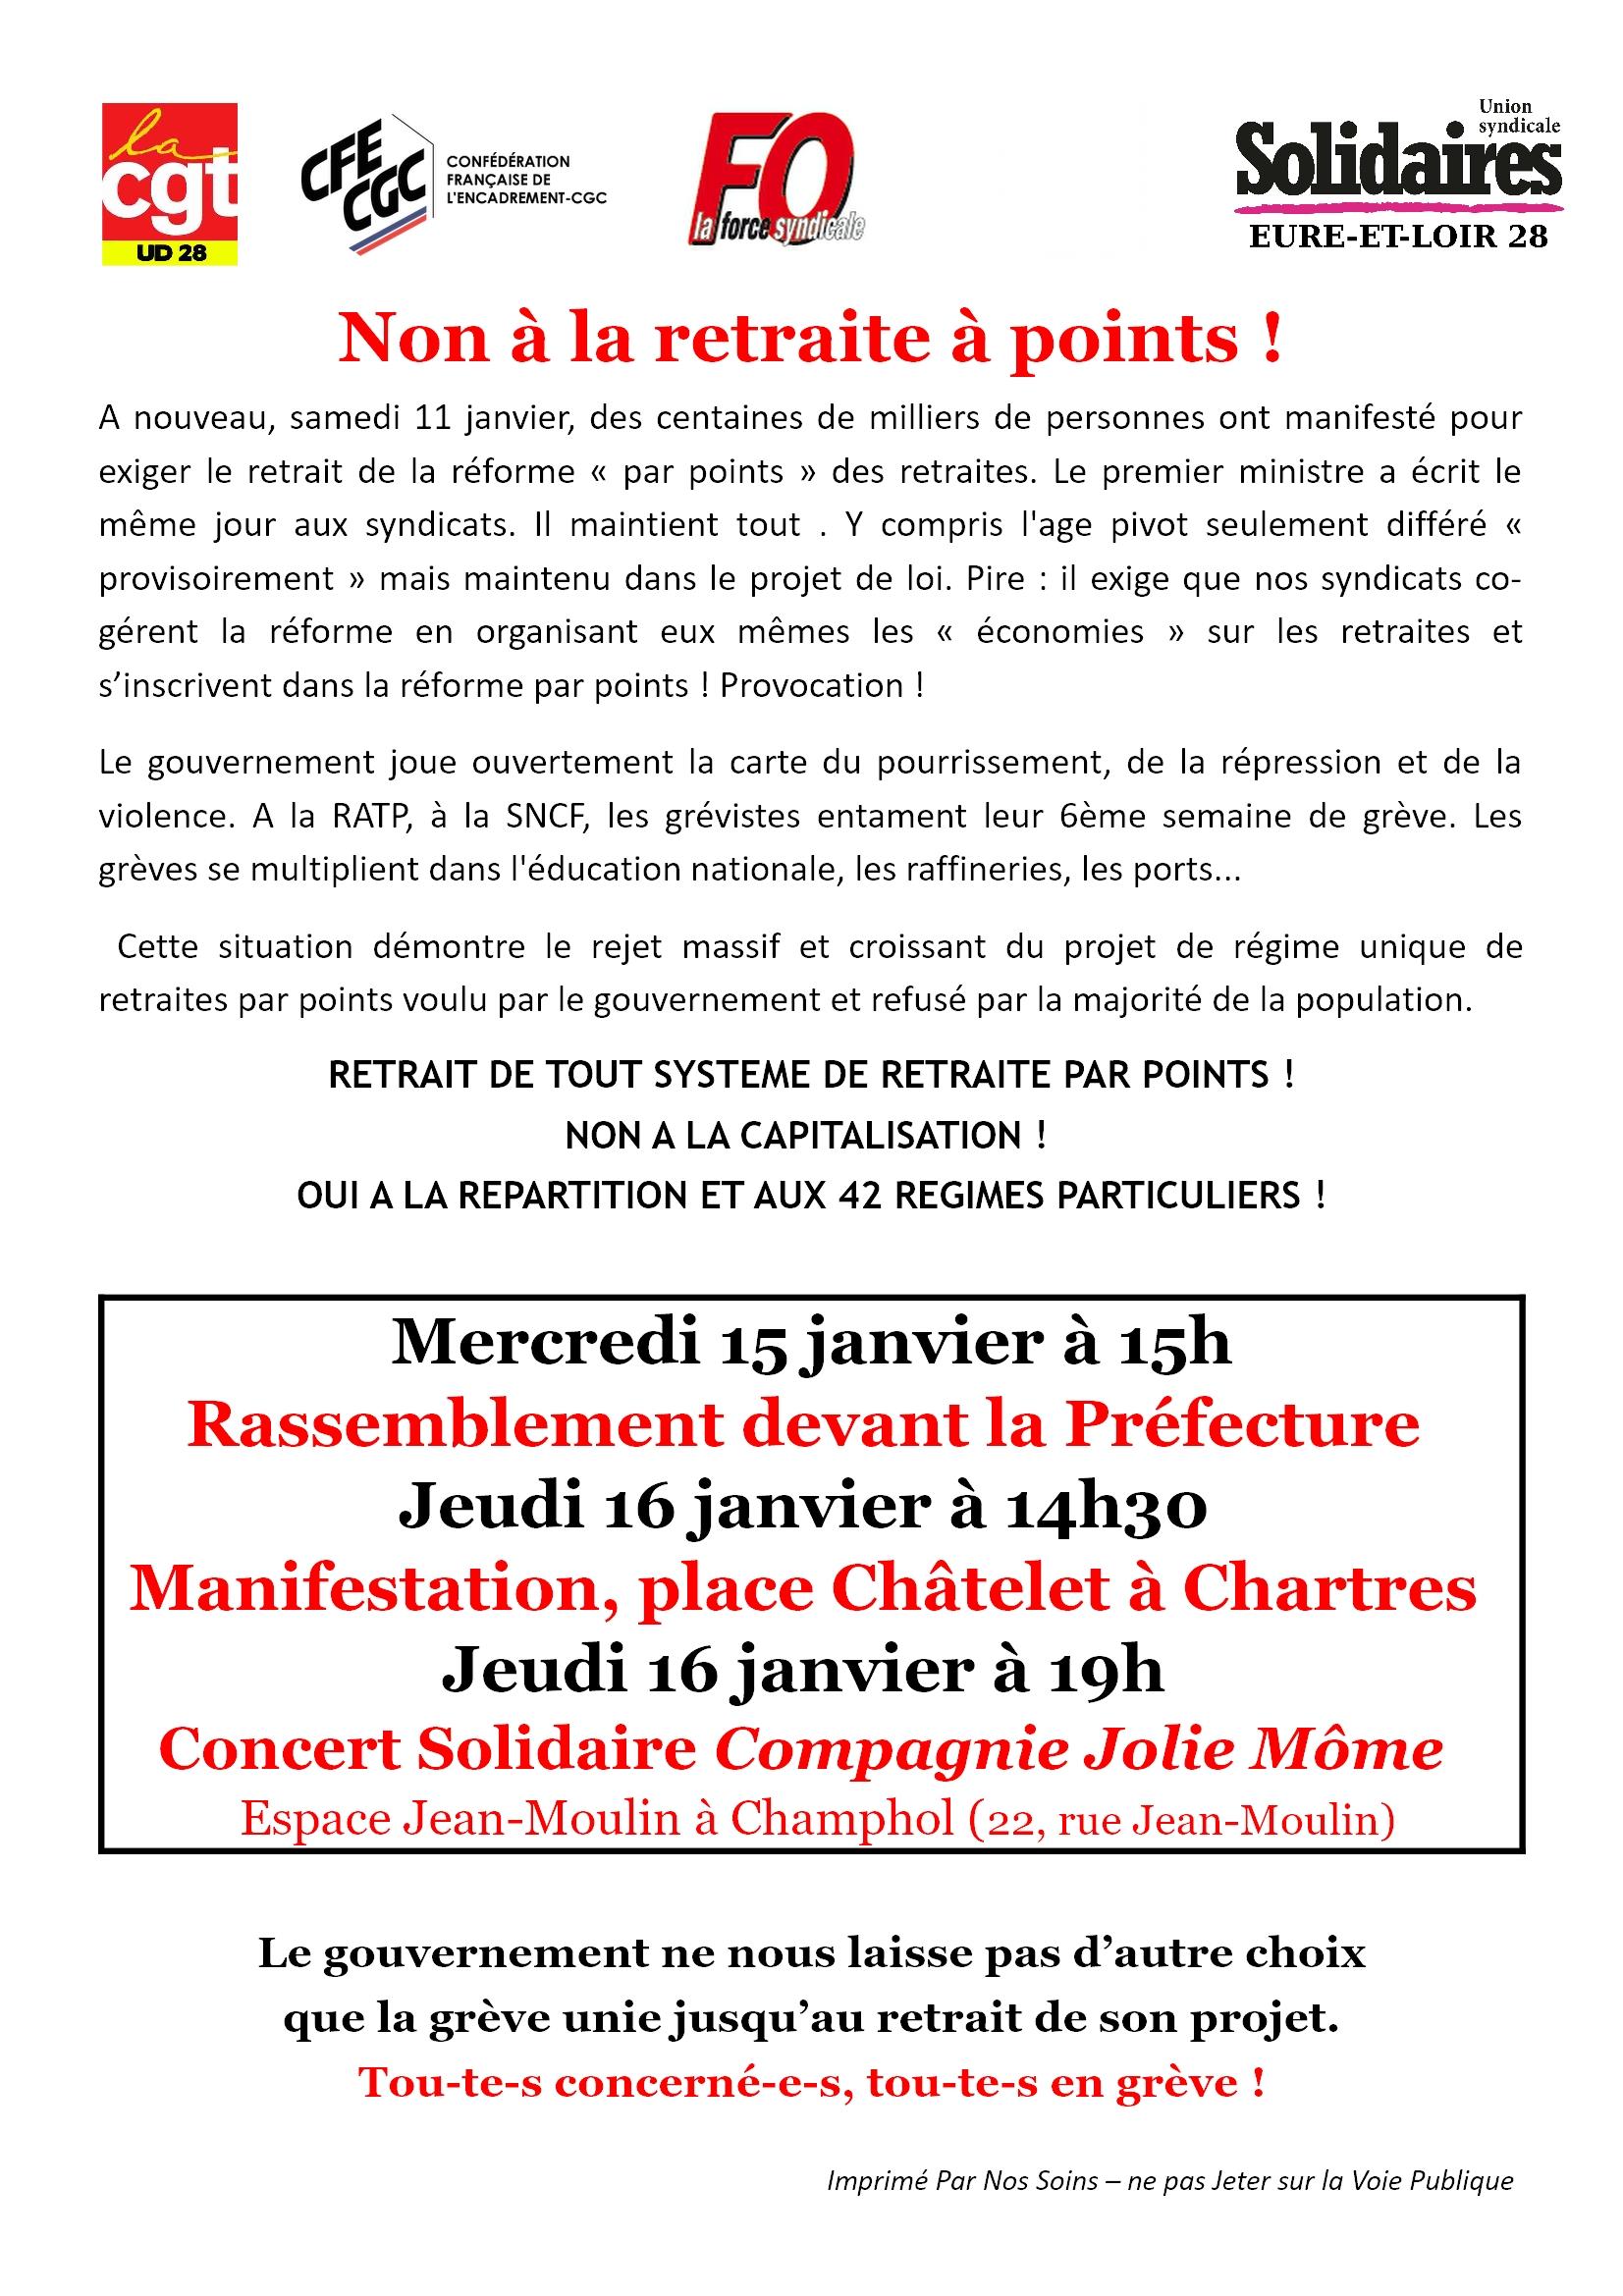 Intersyndicale 28 Appel-pour-14-15-16-janvier